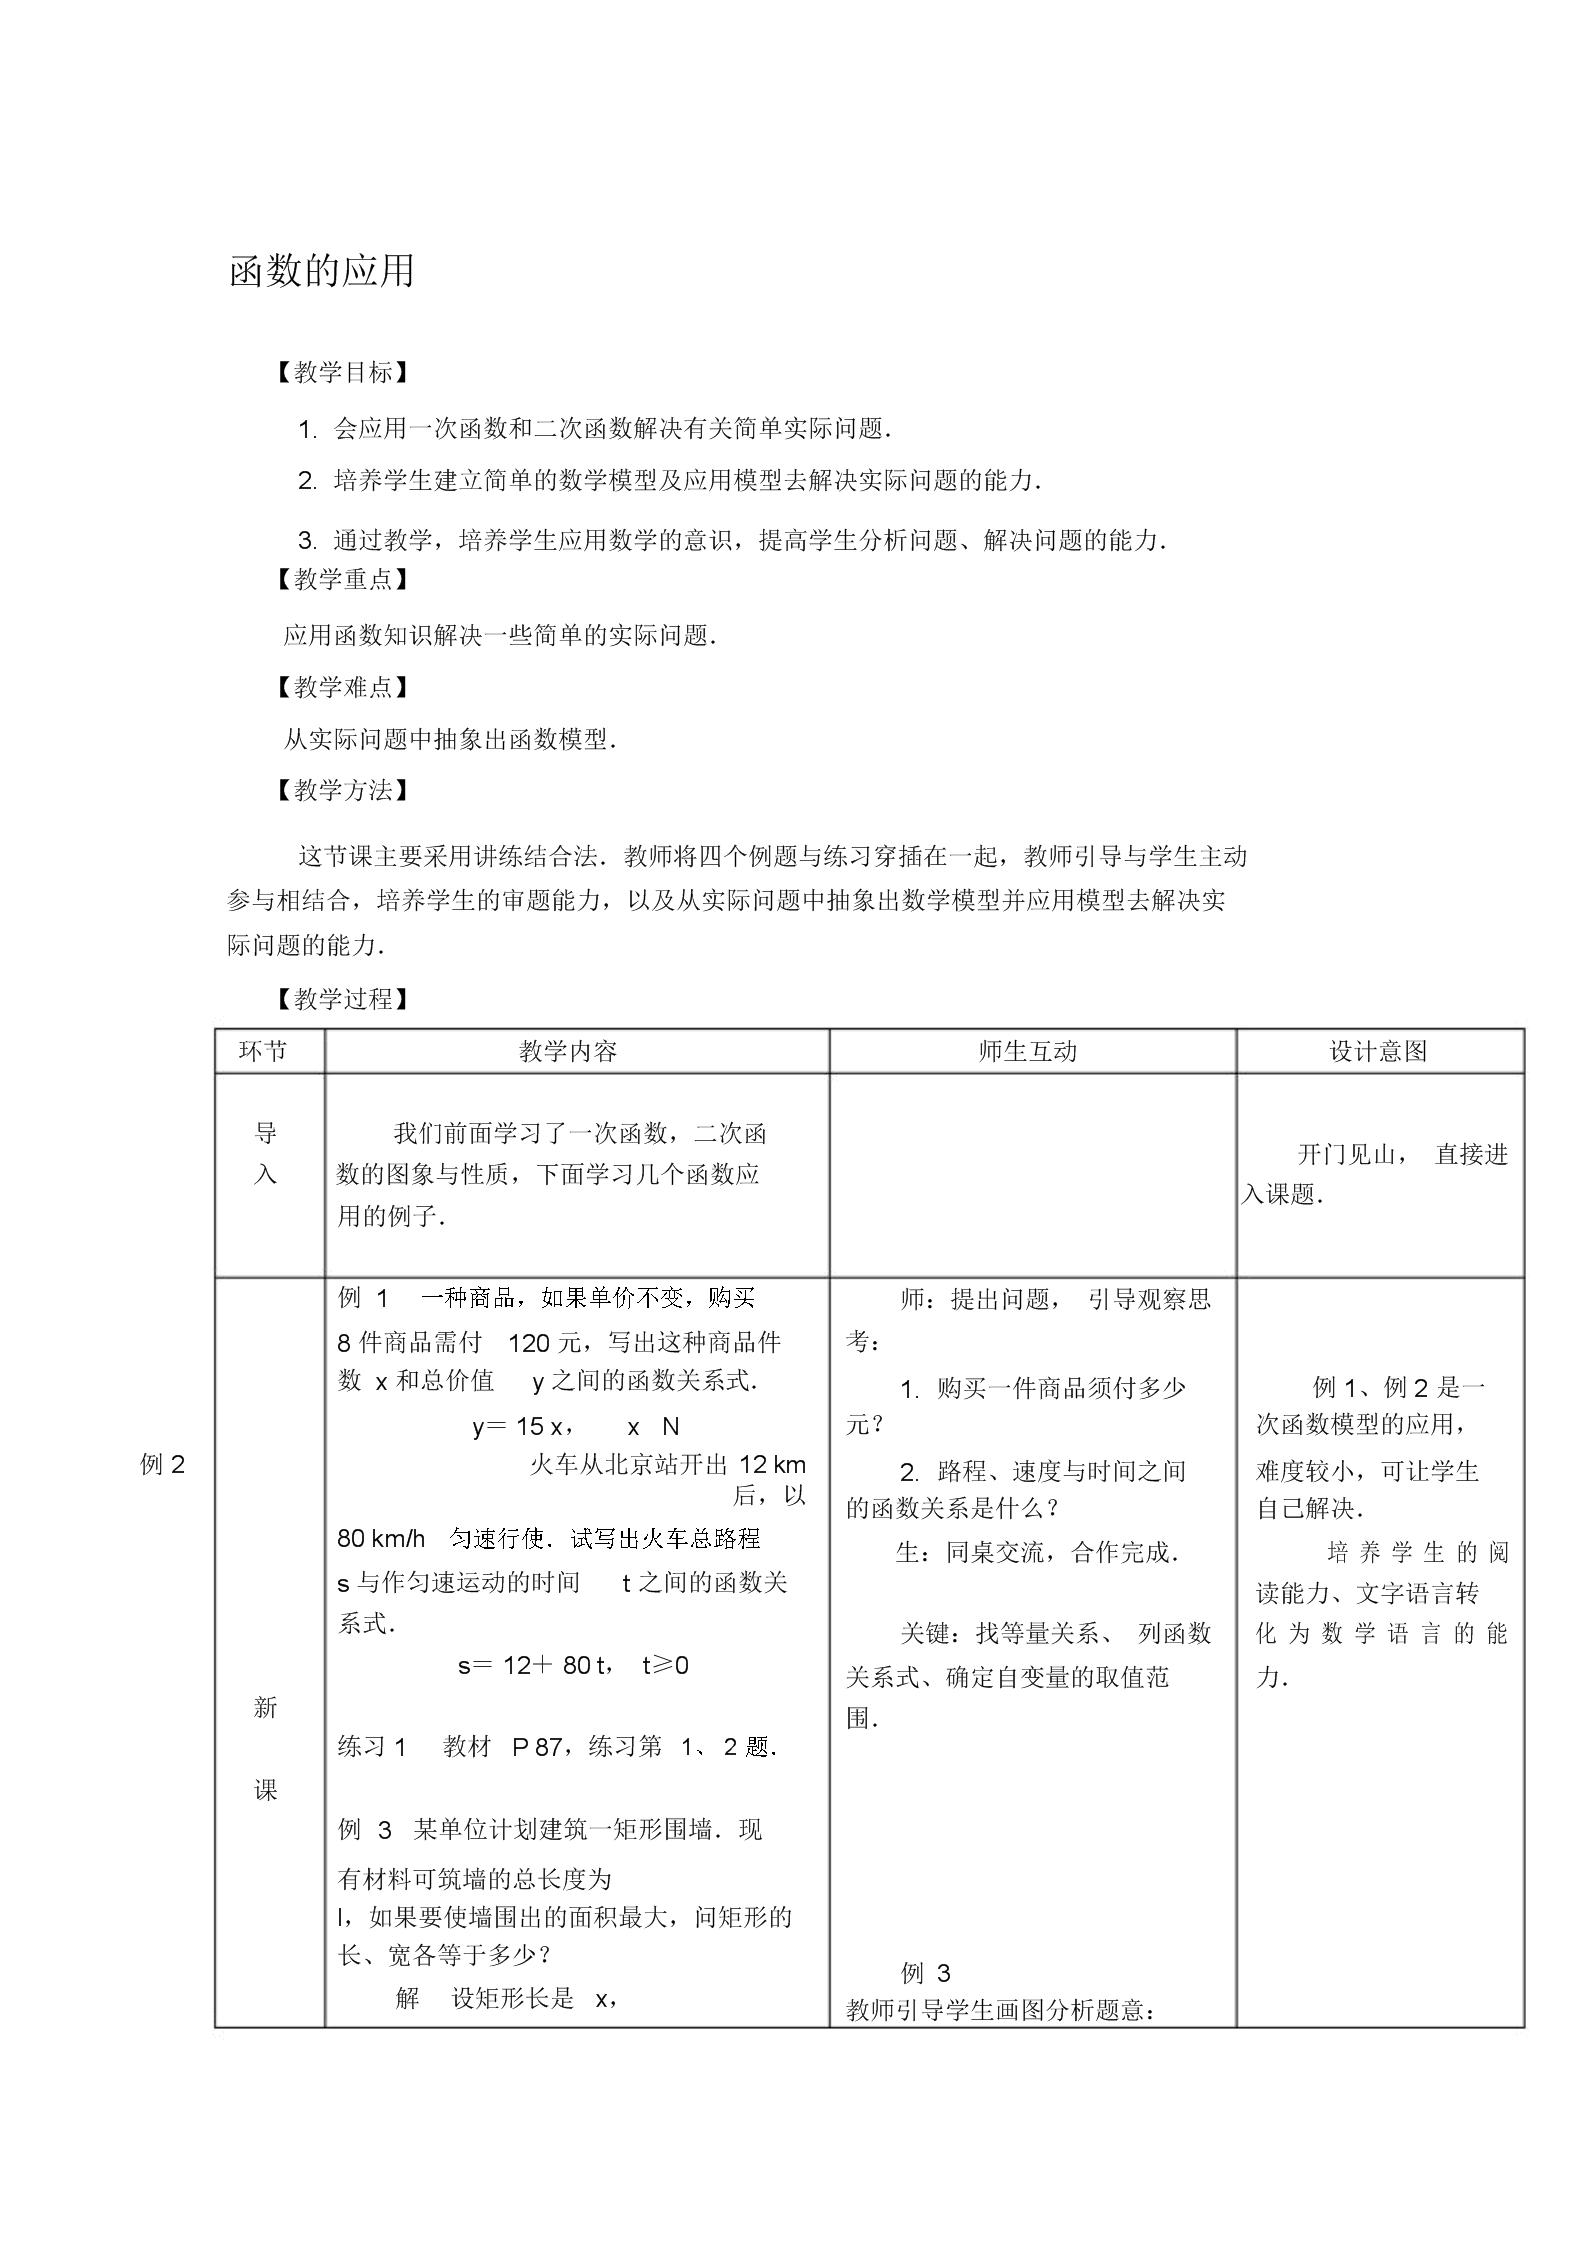 (完整版)人教版中职数学基础上册《函数的应用》表格式教案.doc